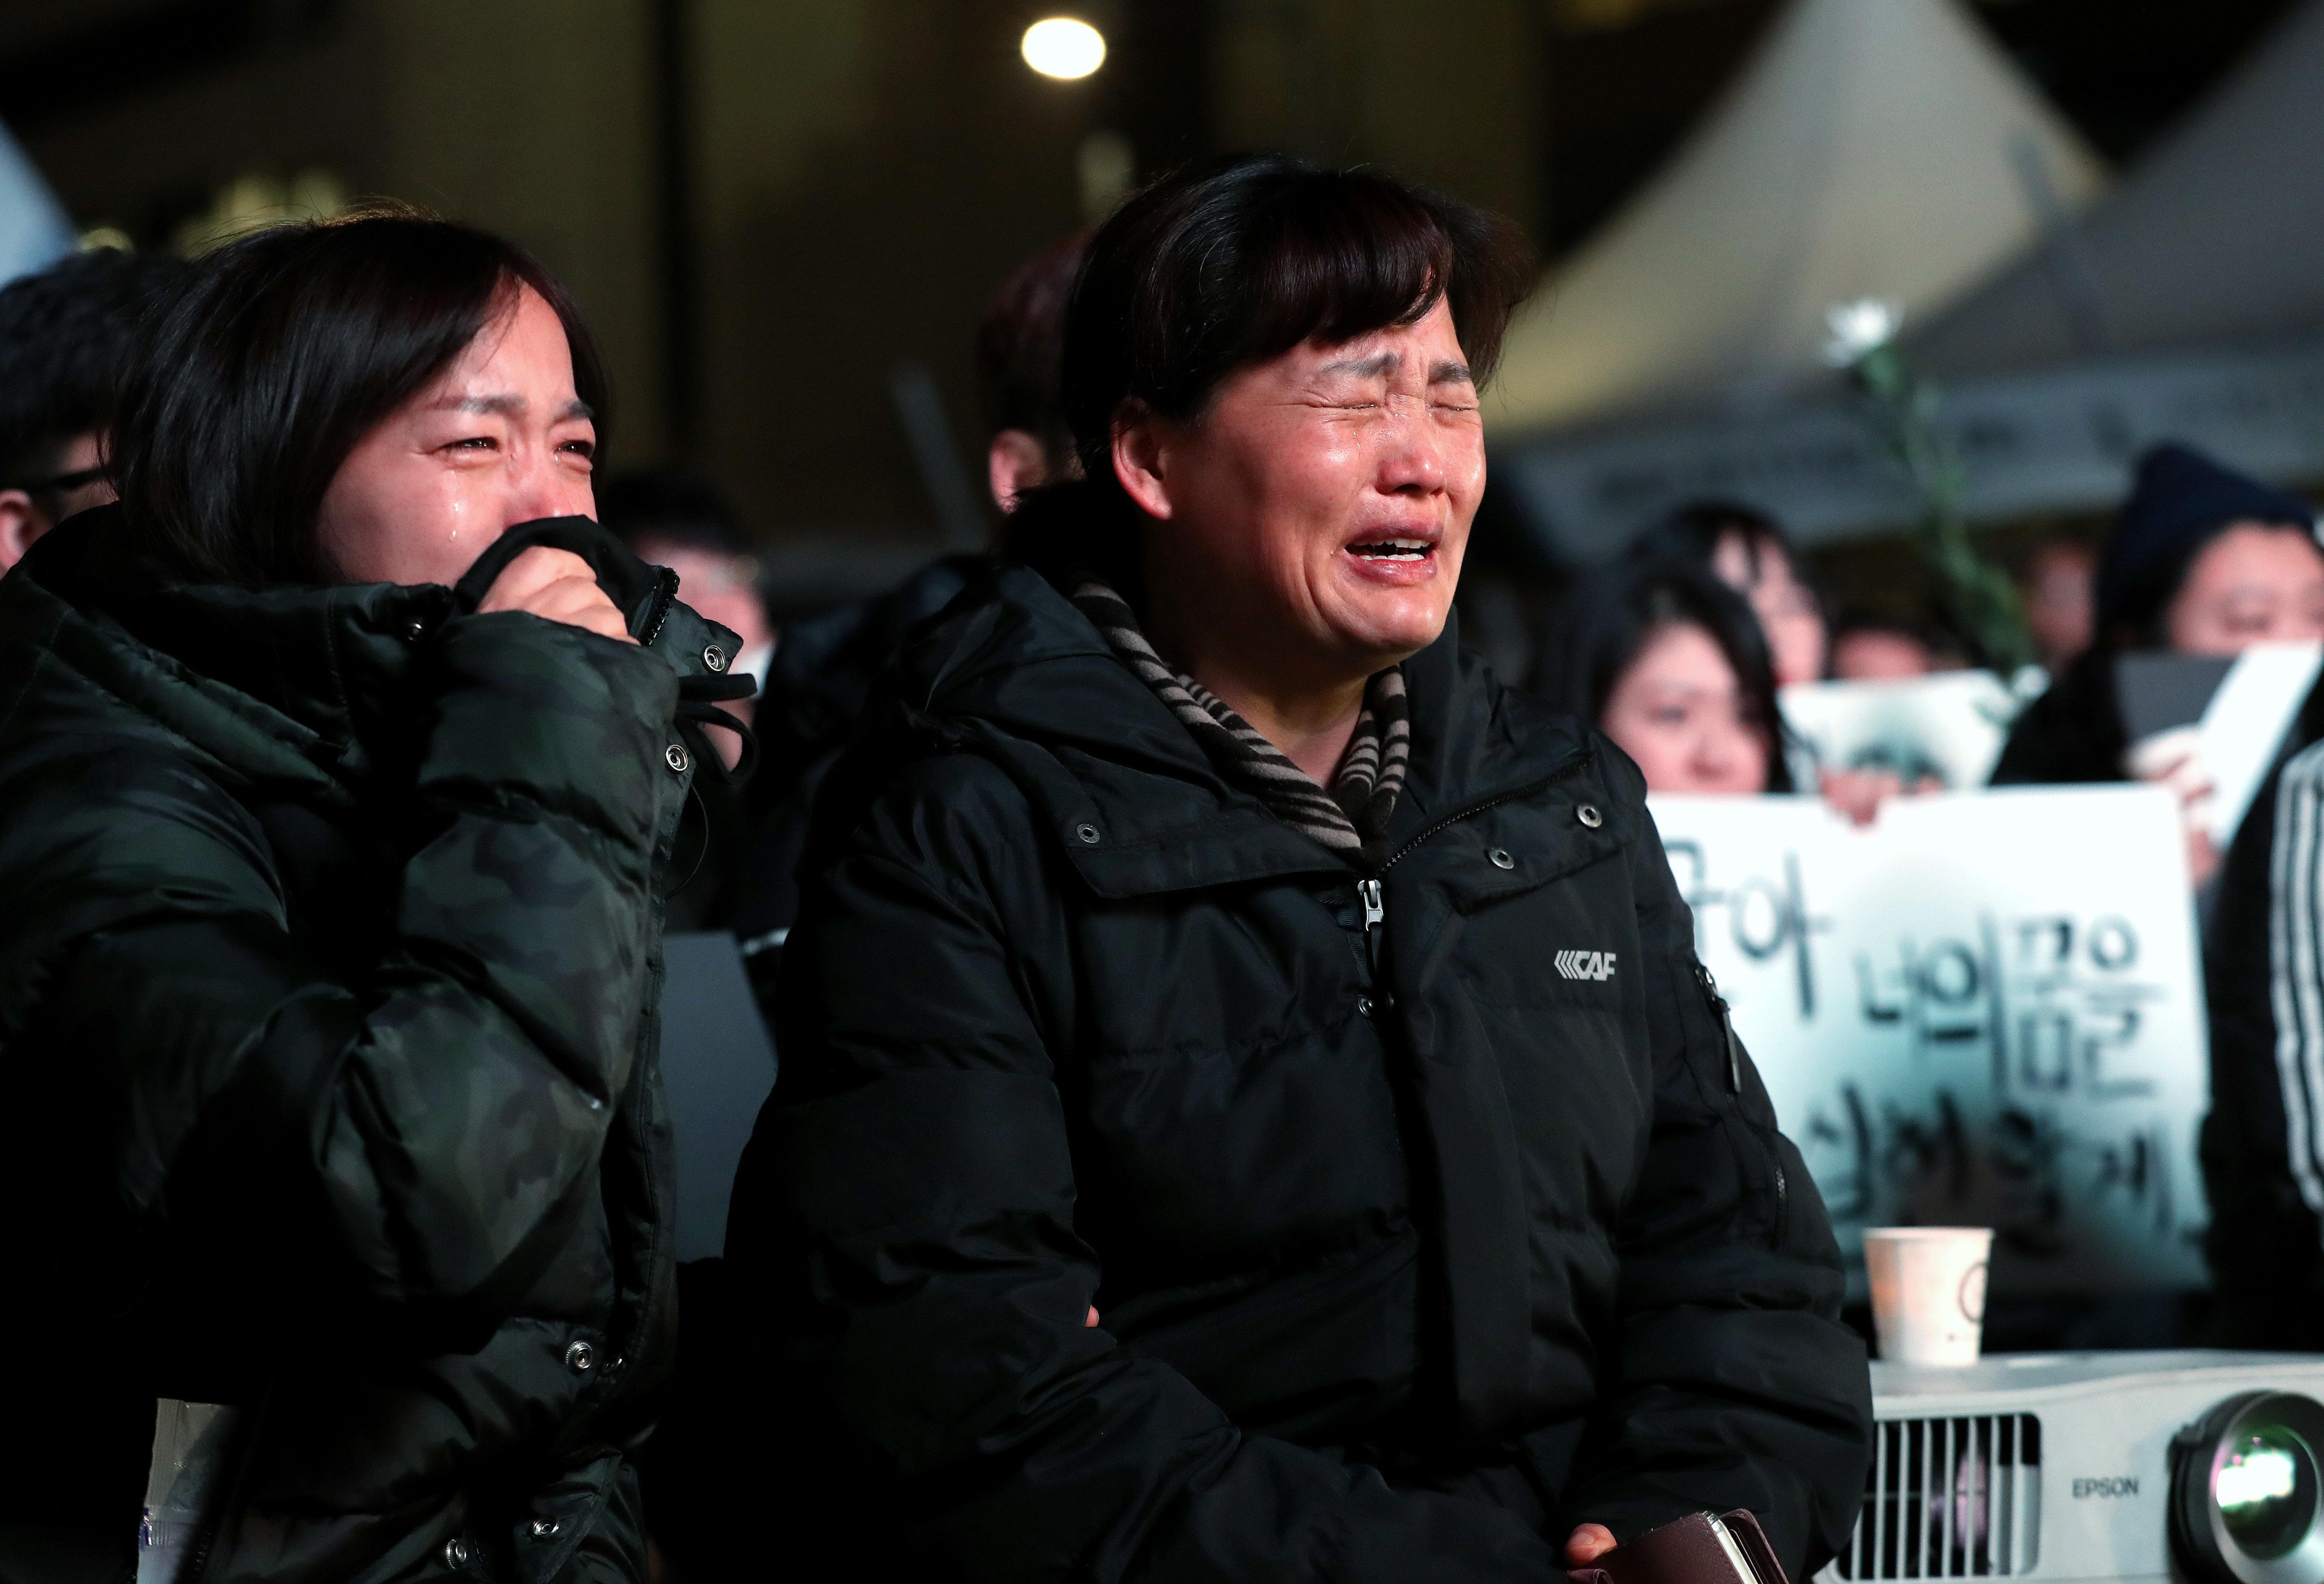 지난 19일 저녁 서울 광화문 광장에서 열린 태안화력 비정규직 노동자 고 김용균씨 촛불추모제에서 고인의 어머니 김미숙씨가 아들 영상을 보며 오열하고